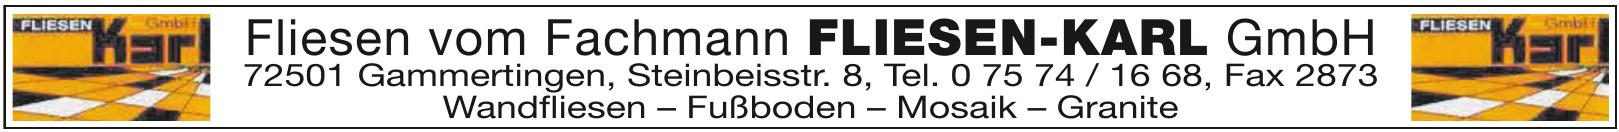 Fliesen-Karl GmbH